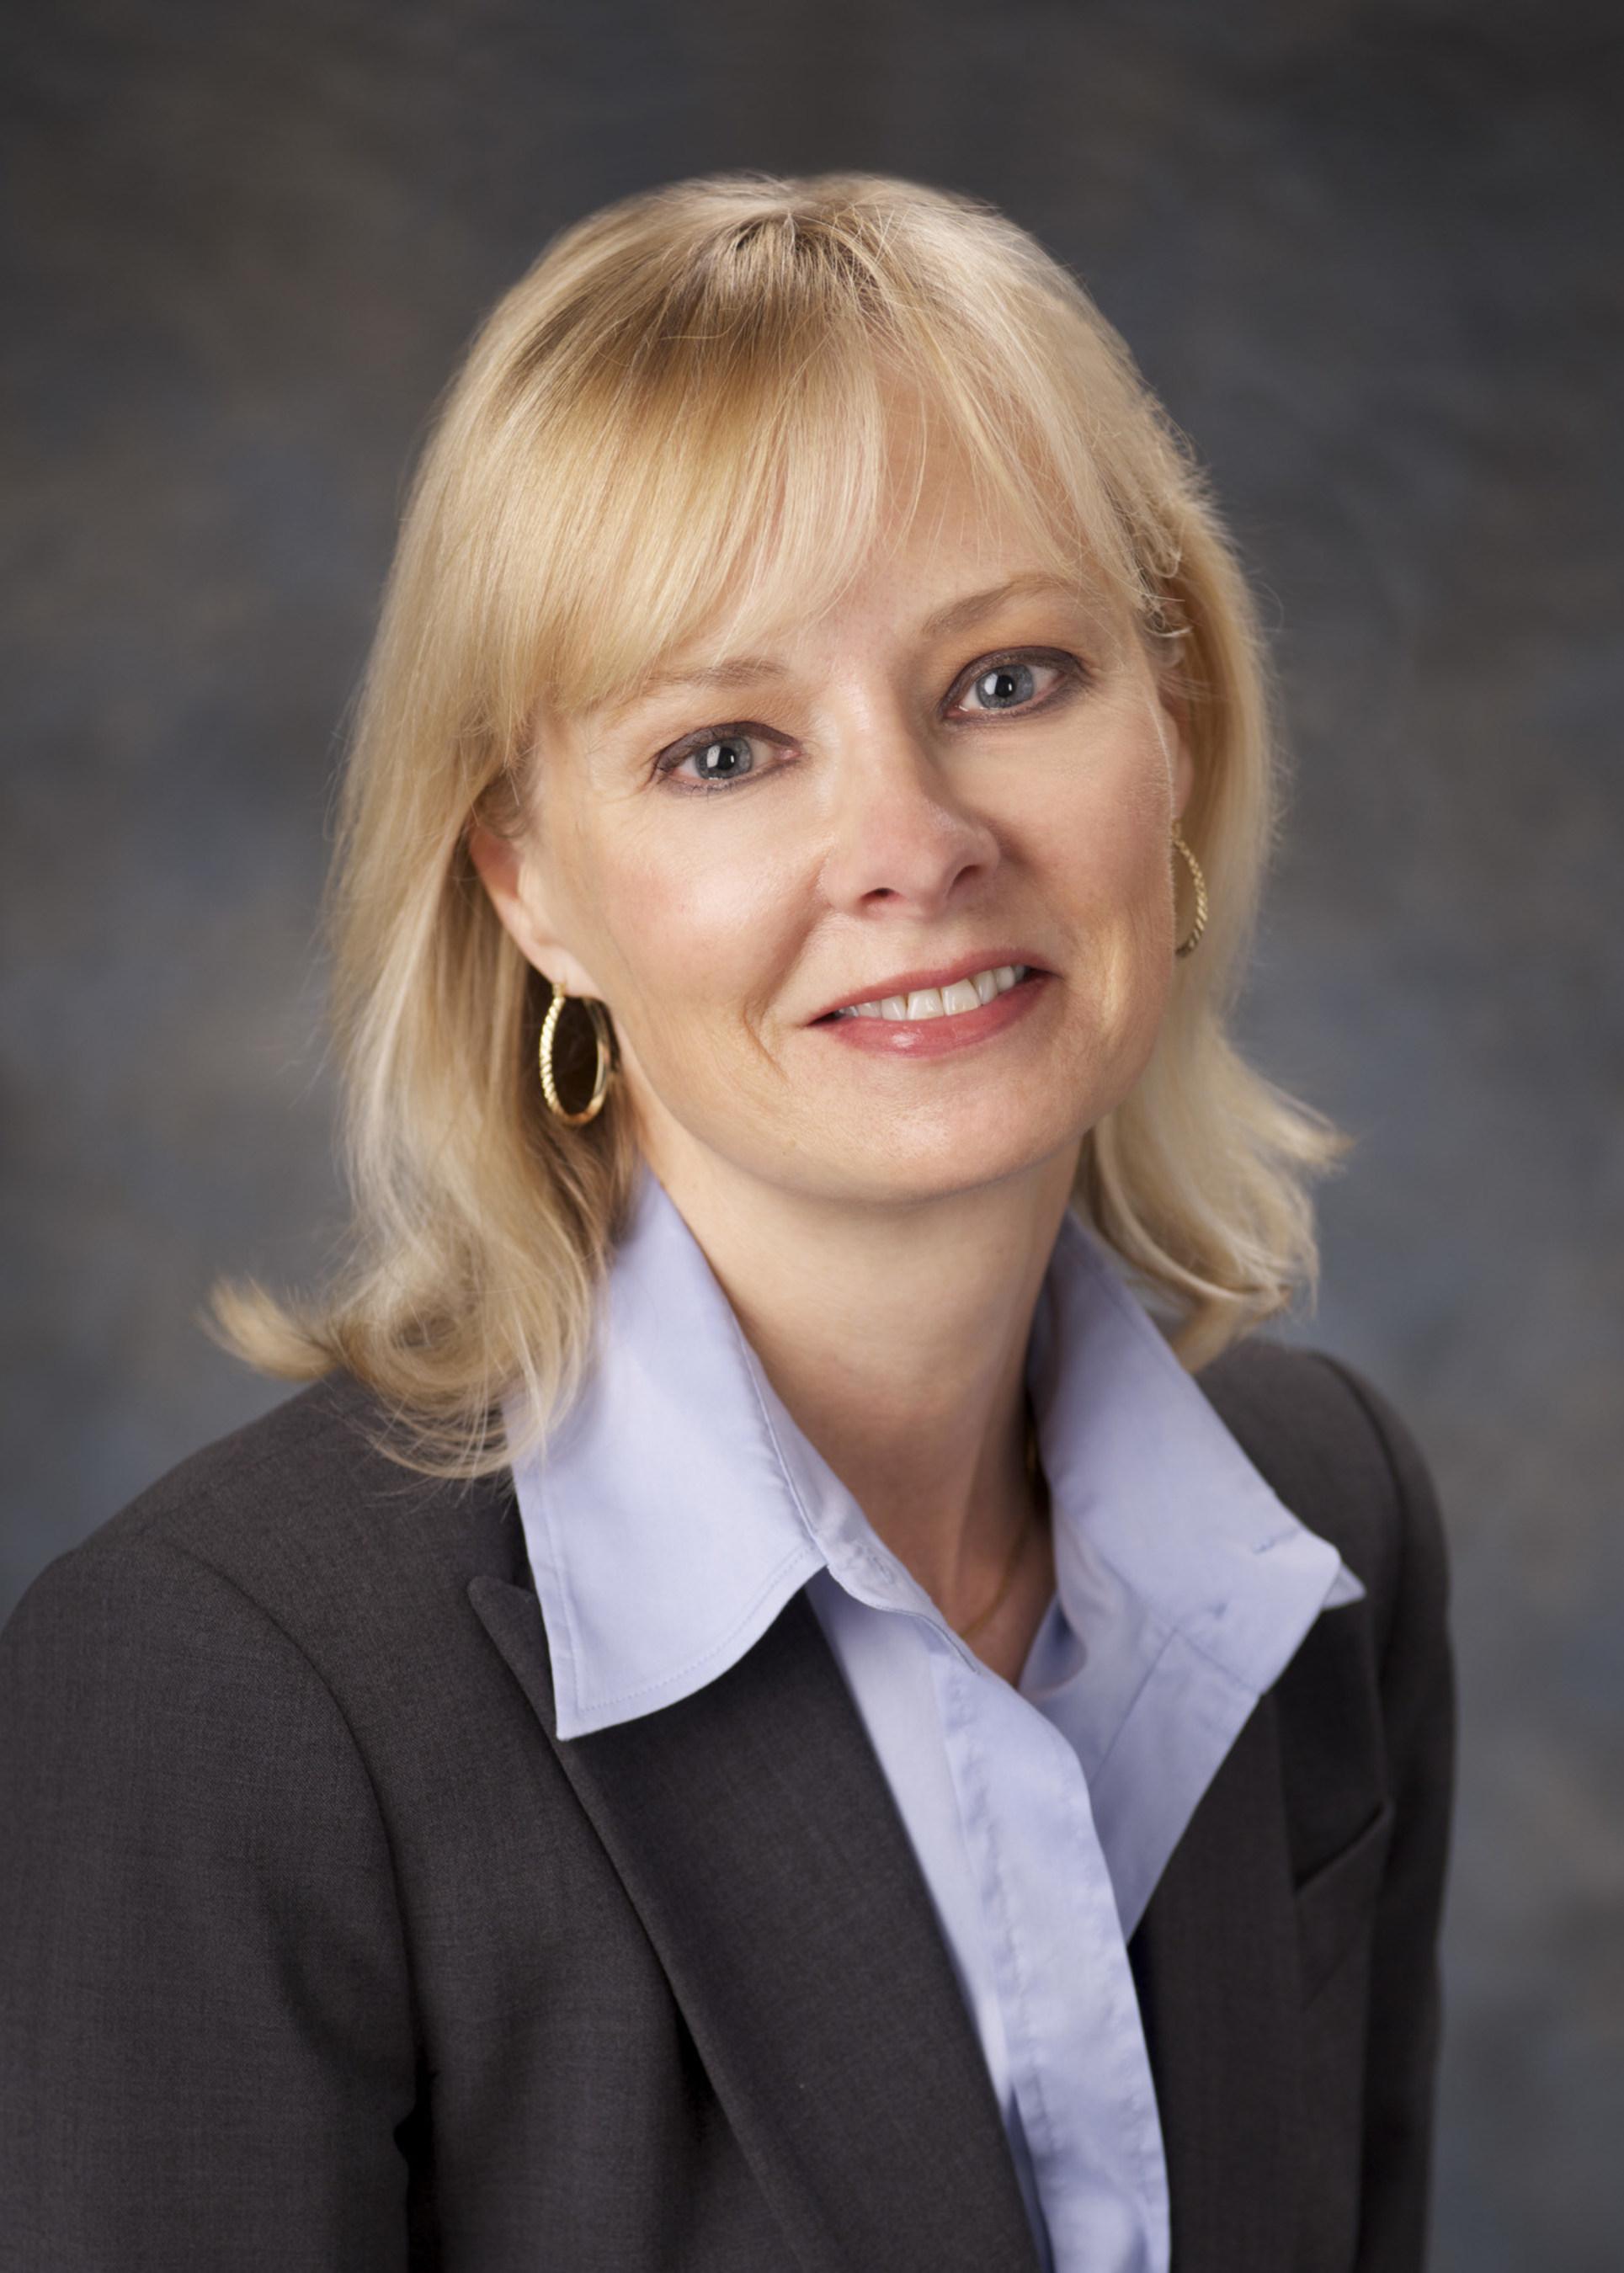 Ann Hudson Exchange Bank SVP, Retail Banking